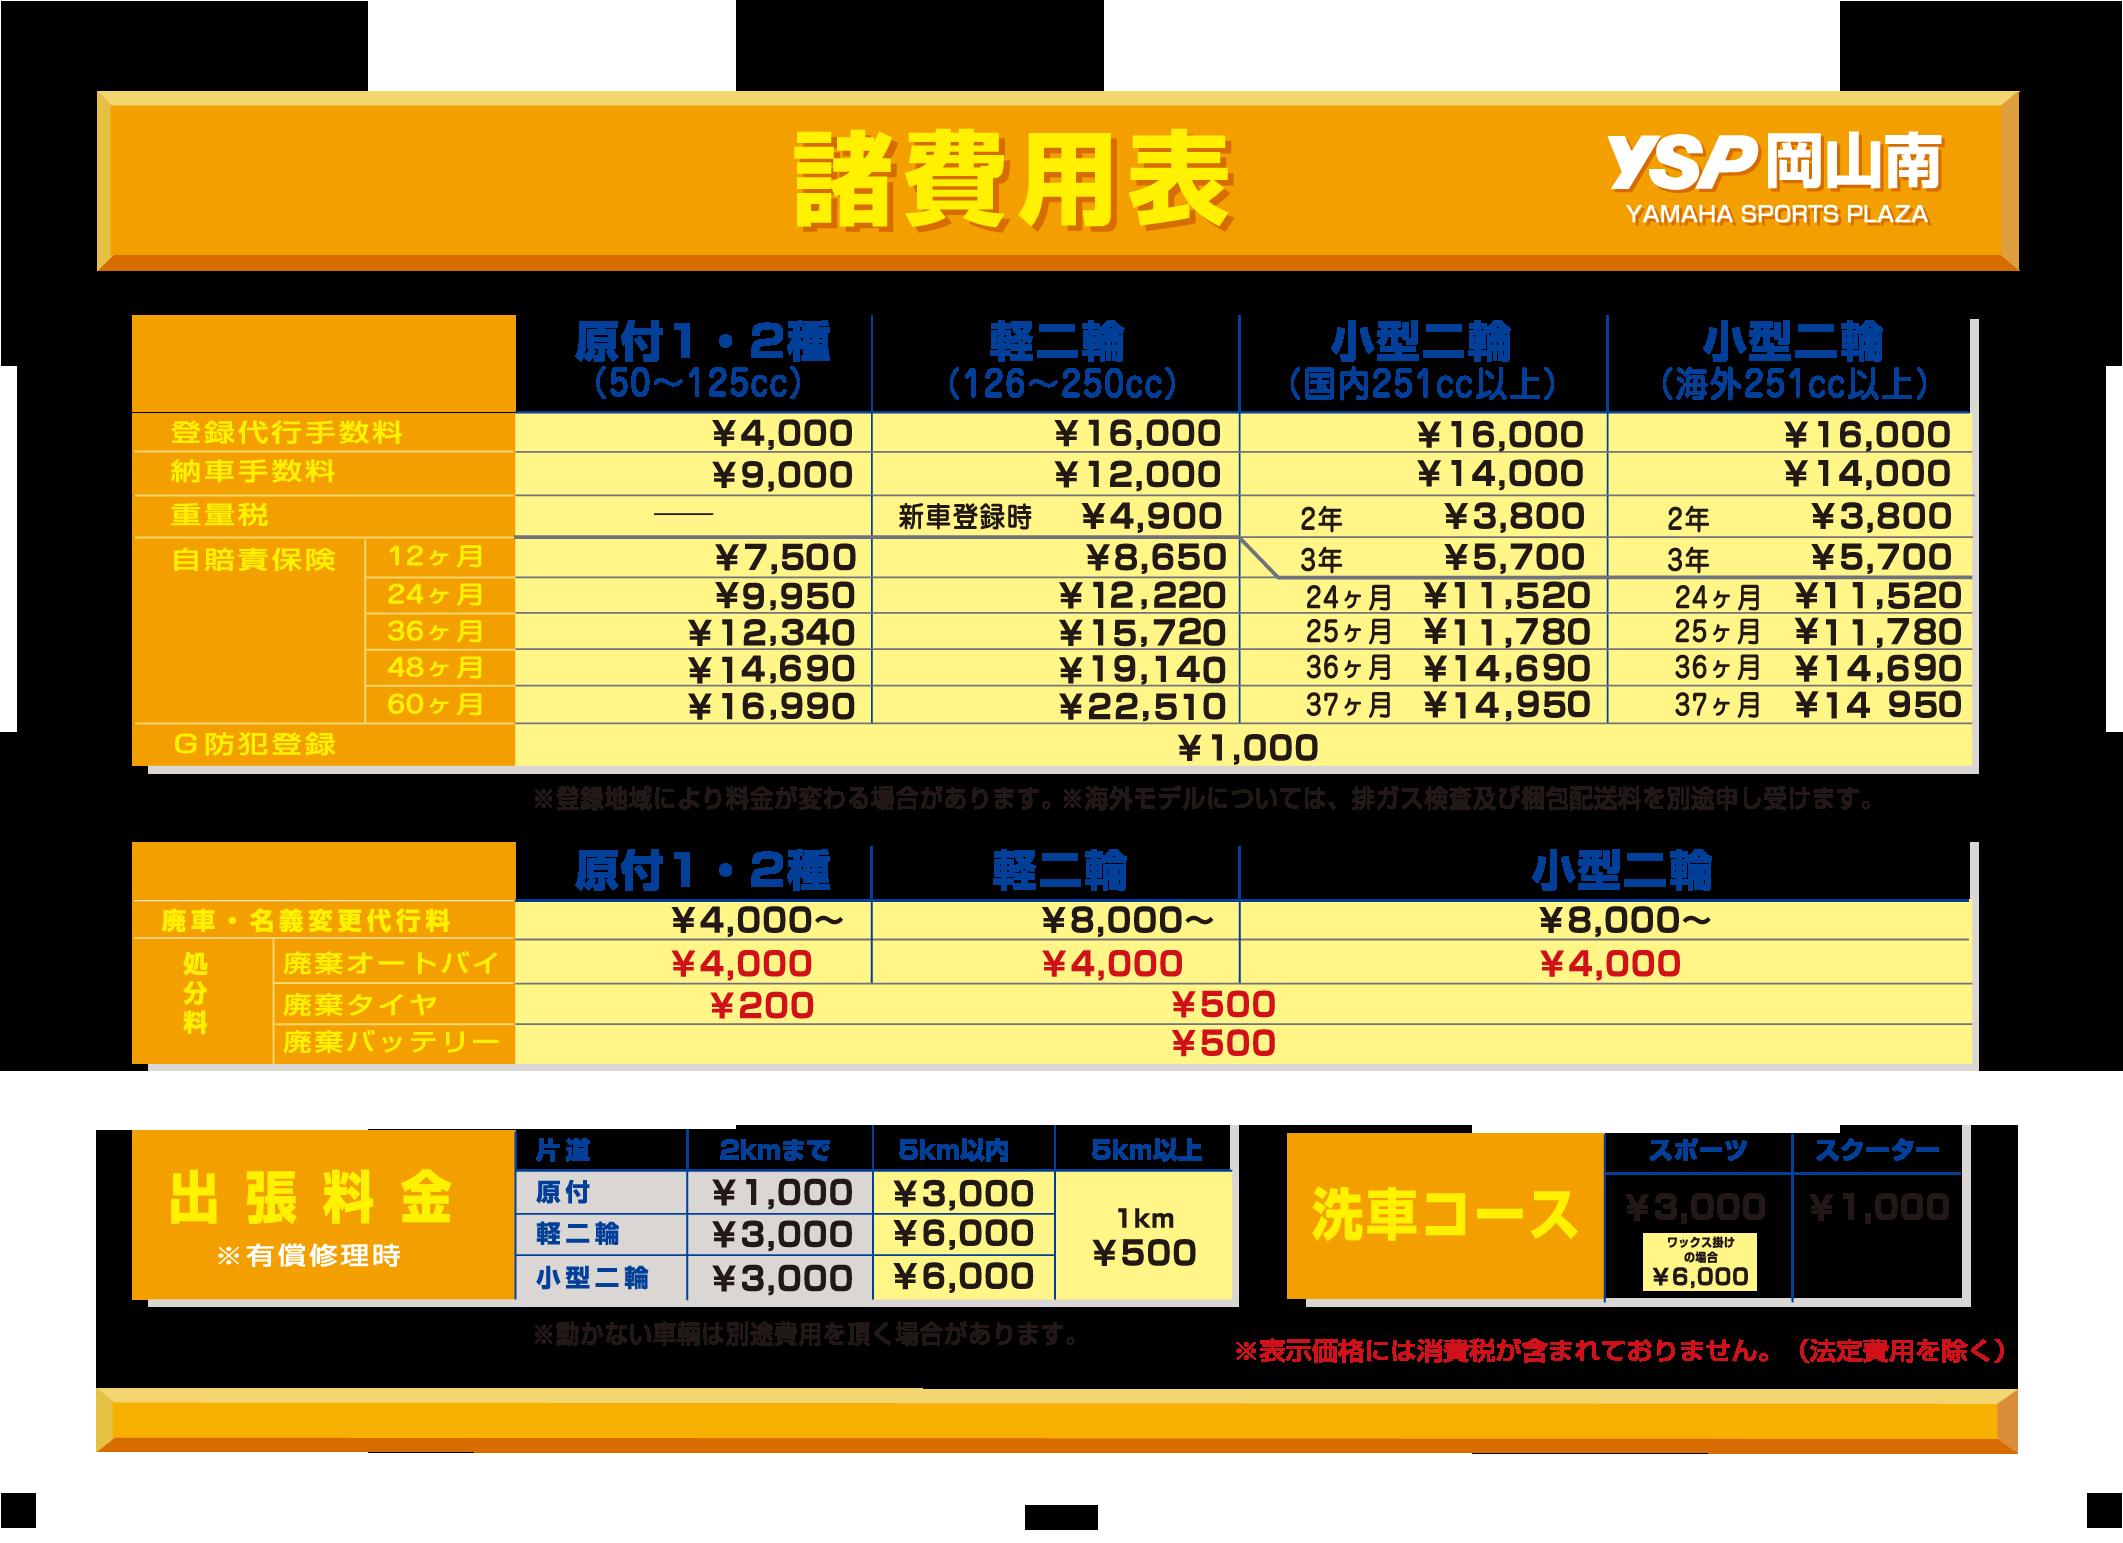 諸費用表2017